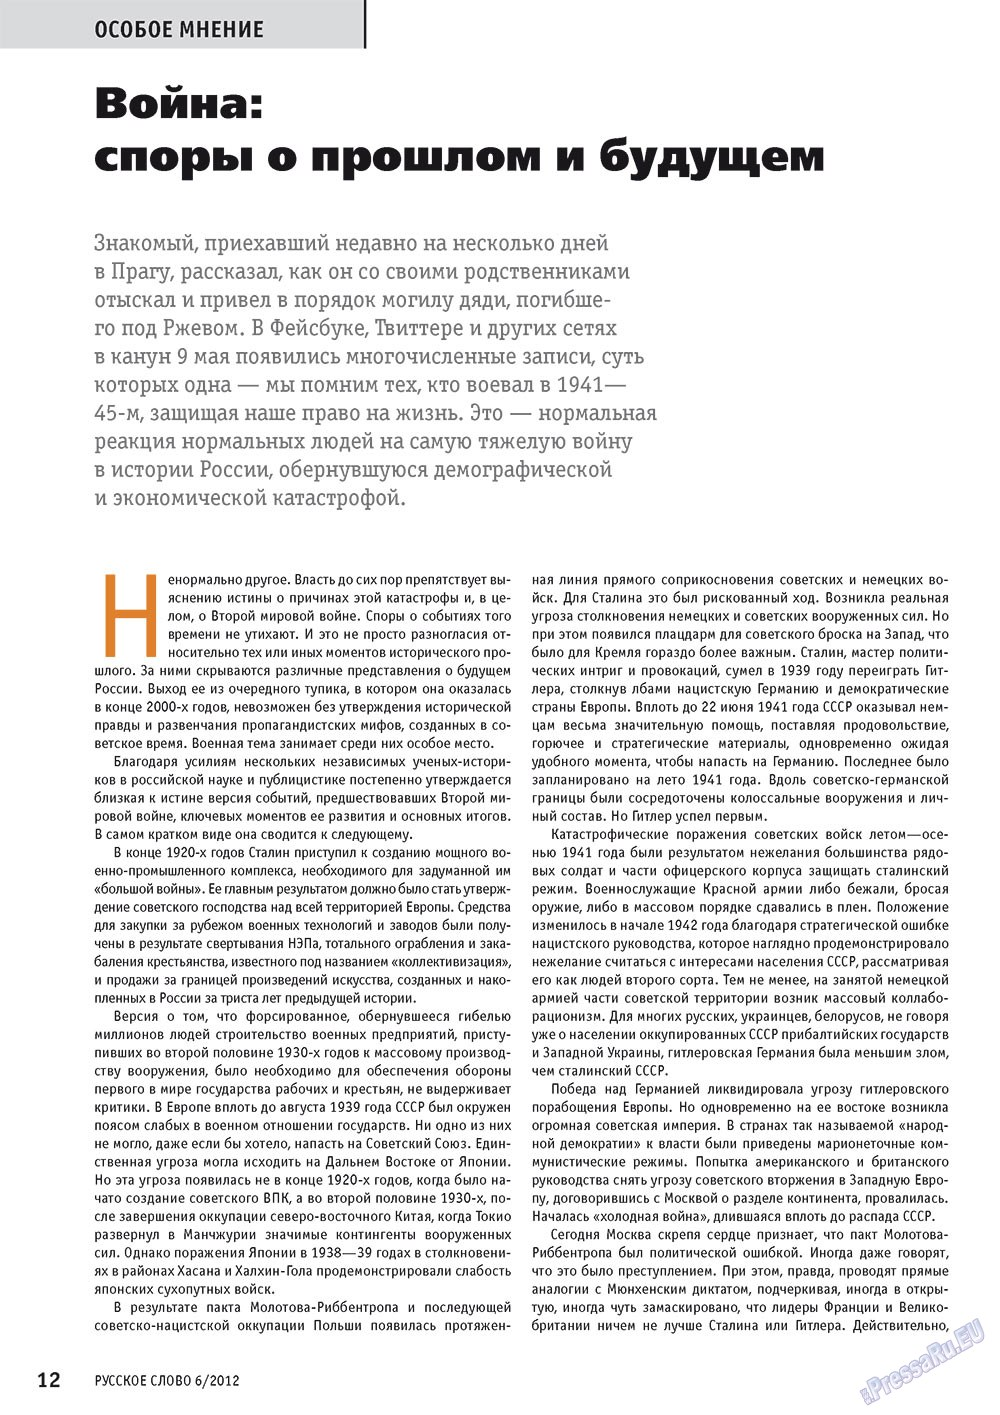 Русское слово (журнал). 2012 год, номер 6, стр. 12